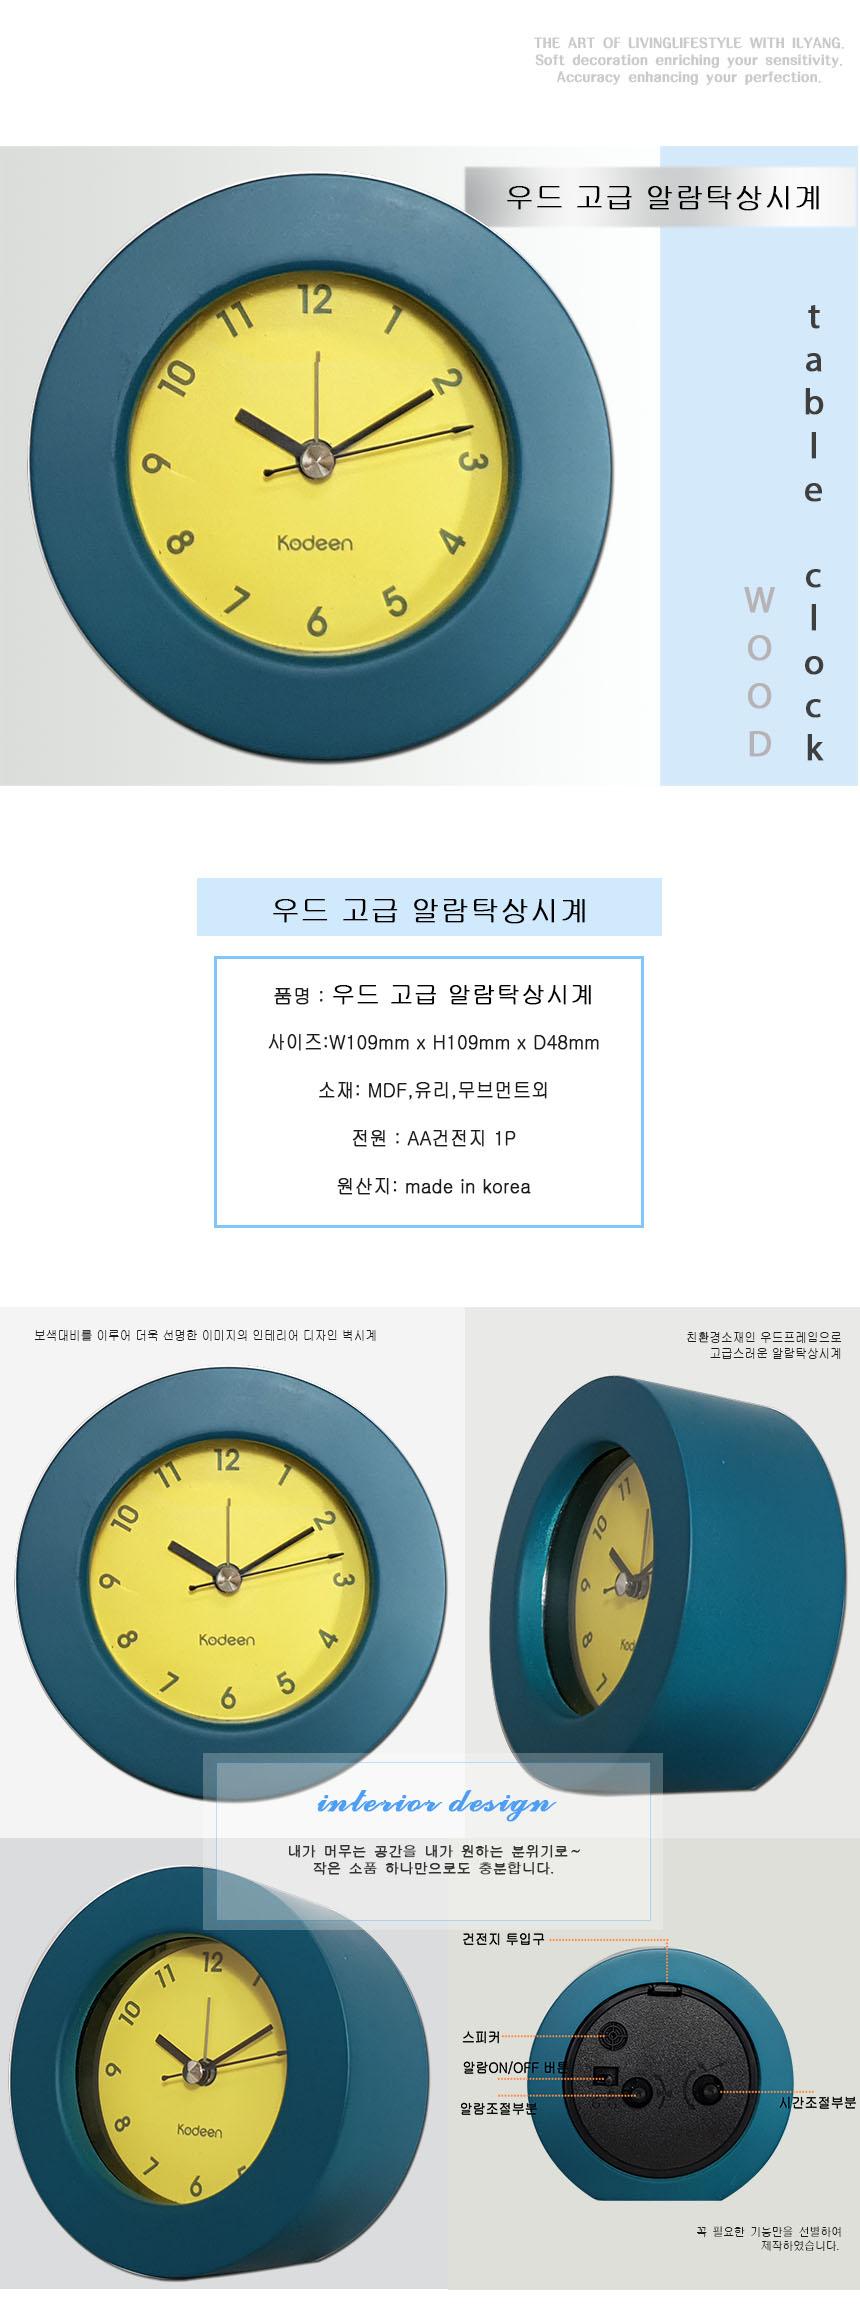 우드 고급 알람탁상시계 - 일이삼클락, 17,000원, 탁상시계, 우드